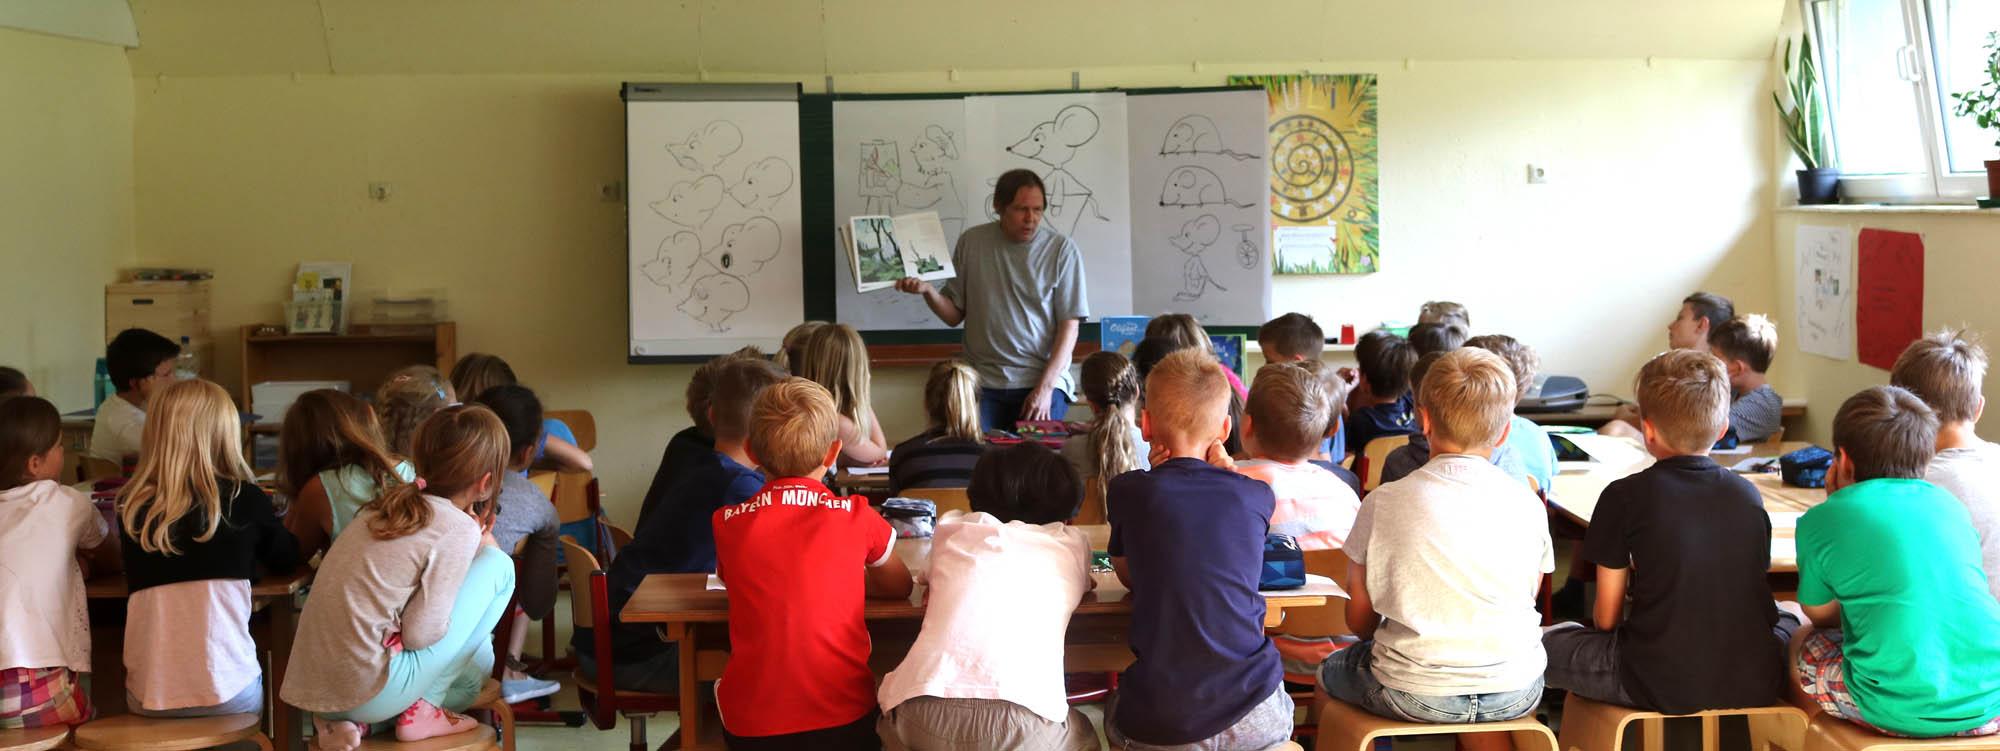 Dieter Konsek, Lesung/Workshop, Grundschule Illmensee